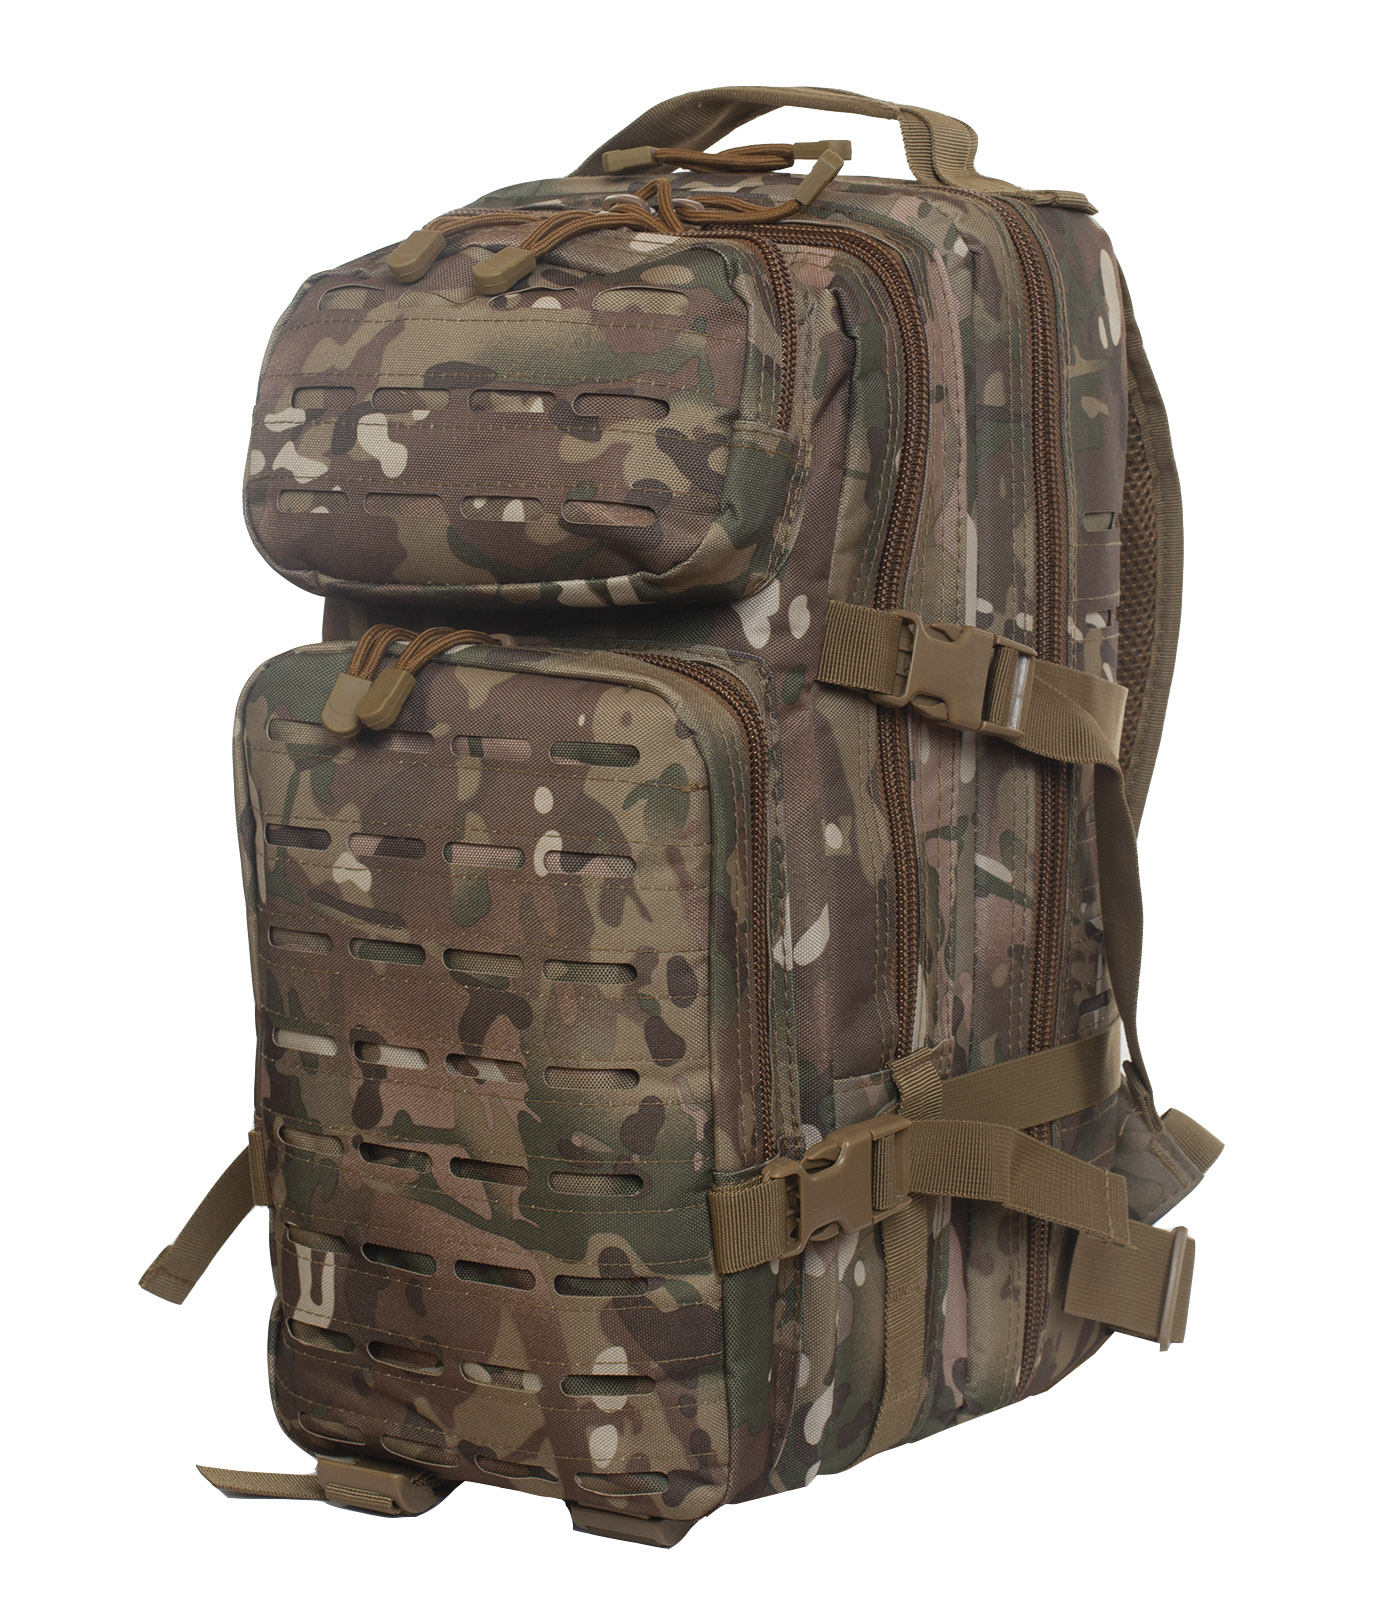 Армейский штурмовой рюкзак камуфляжа Multicam